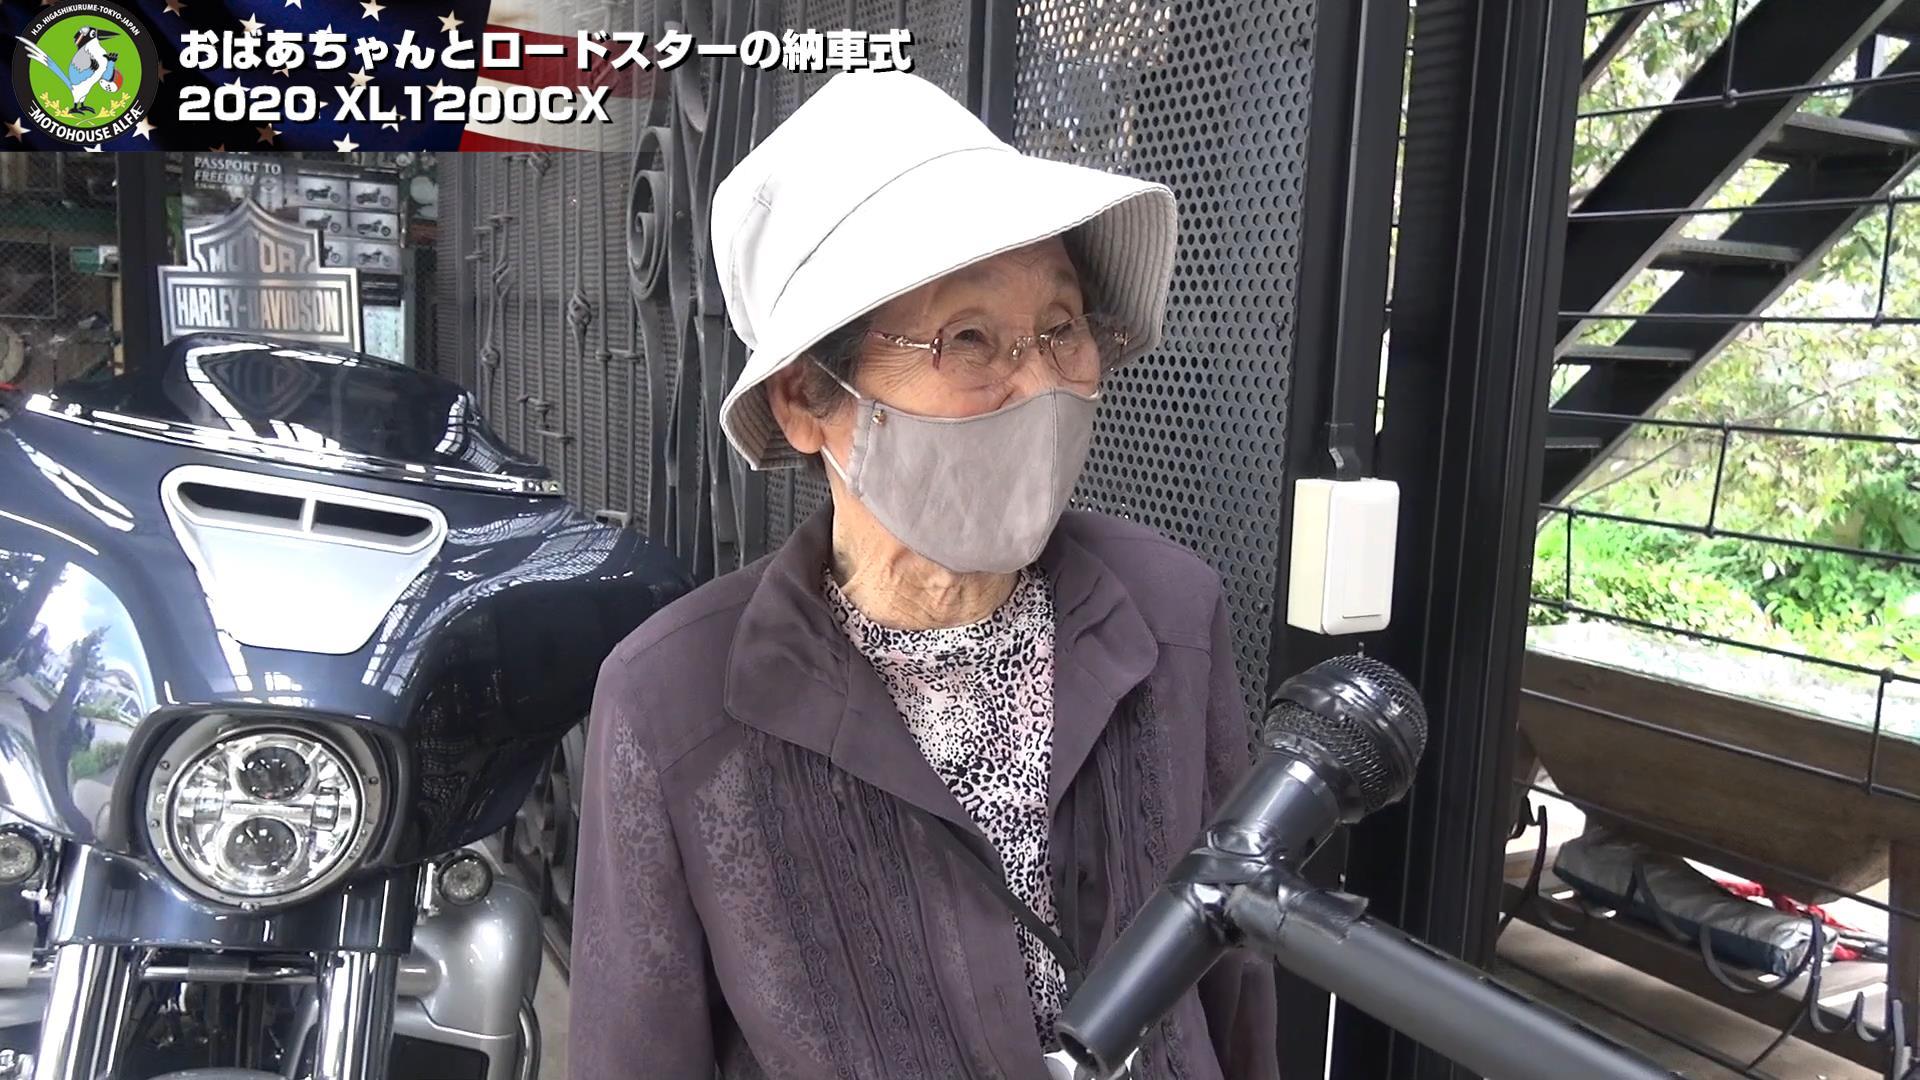 おばあちゃんとロードスターの納車式